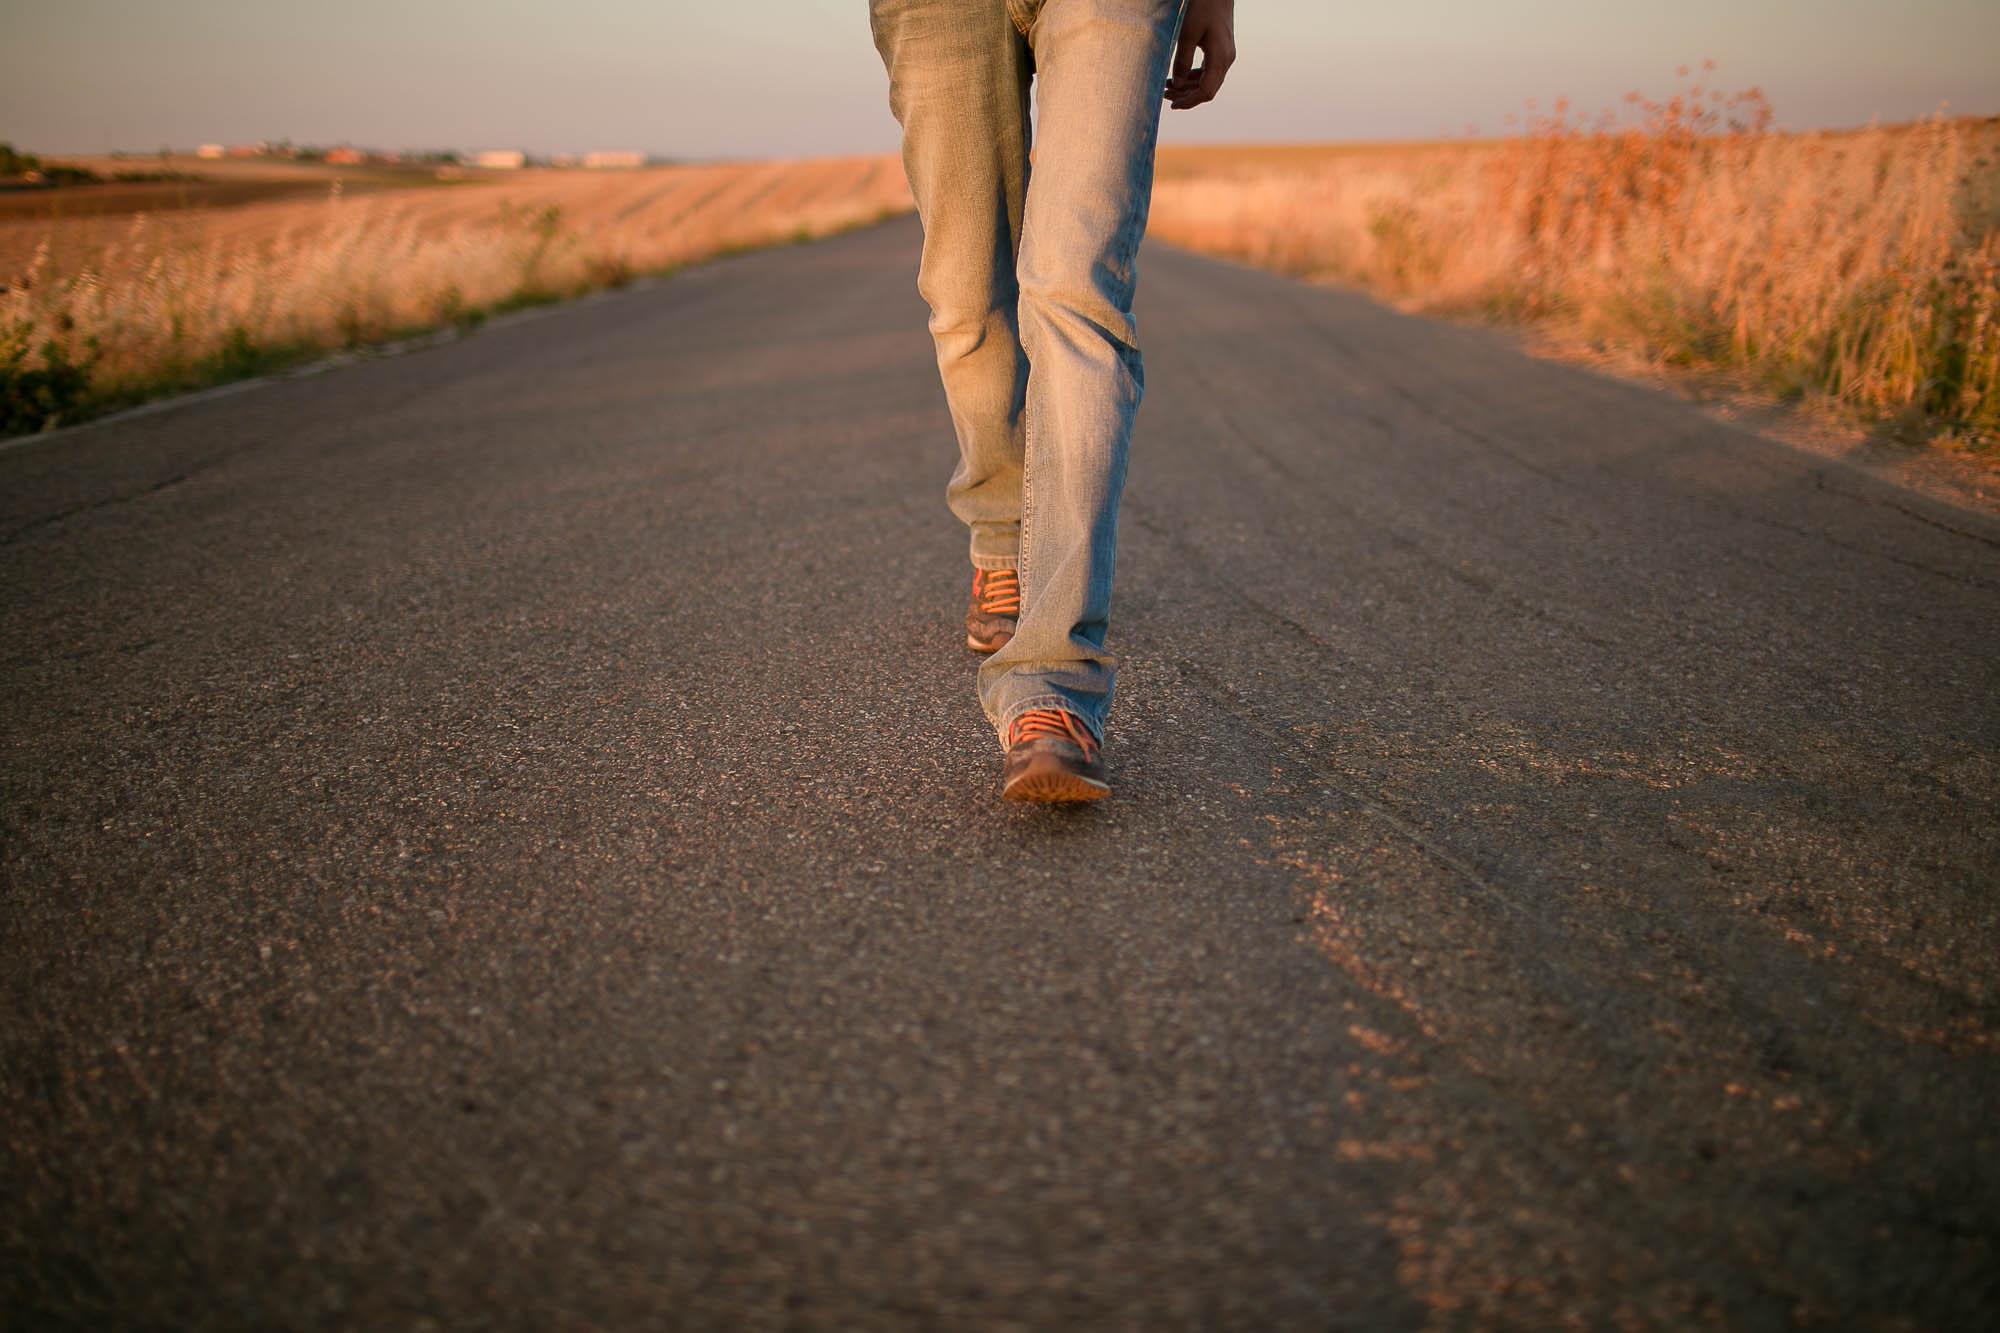 El novio camina por una carretera asfaltada